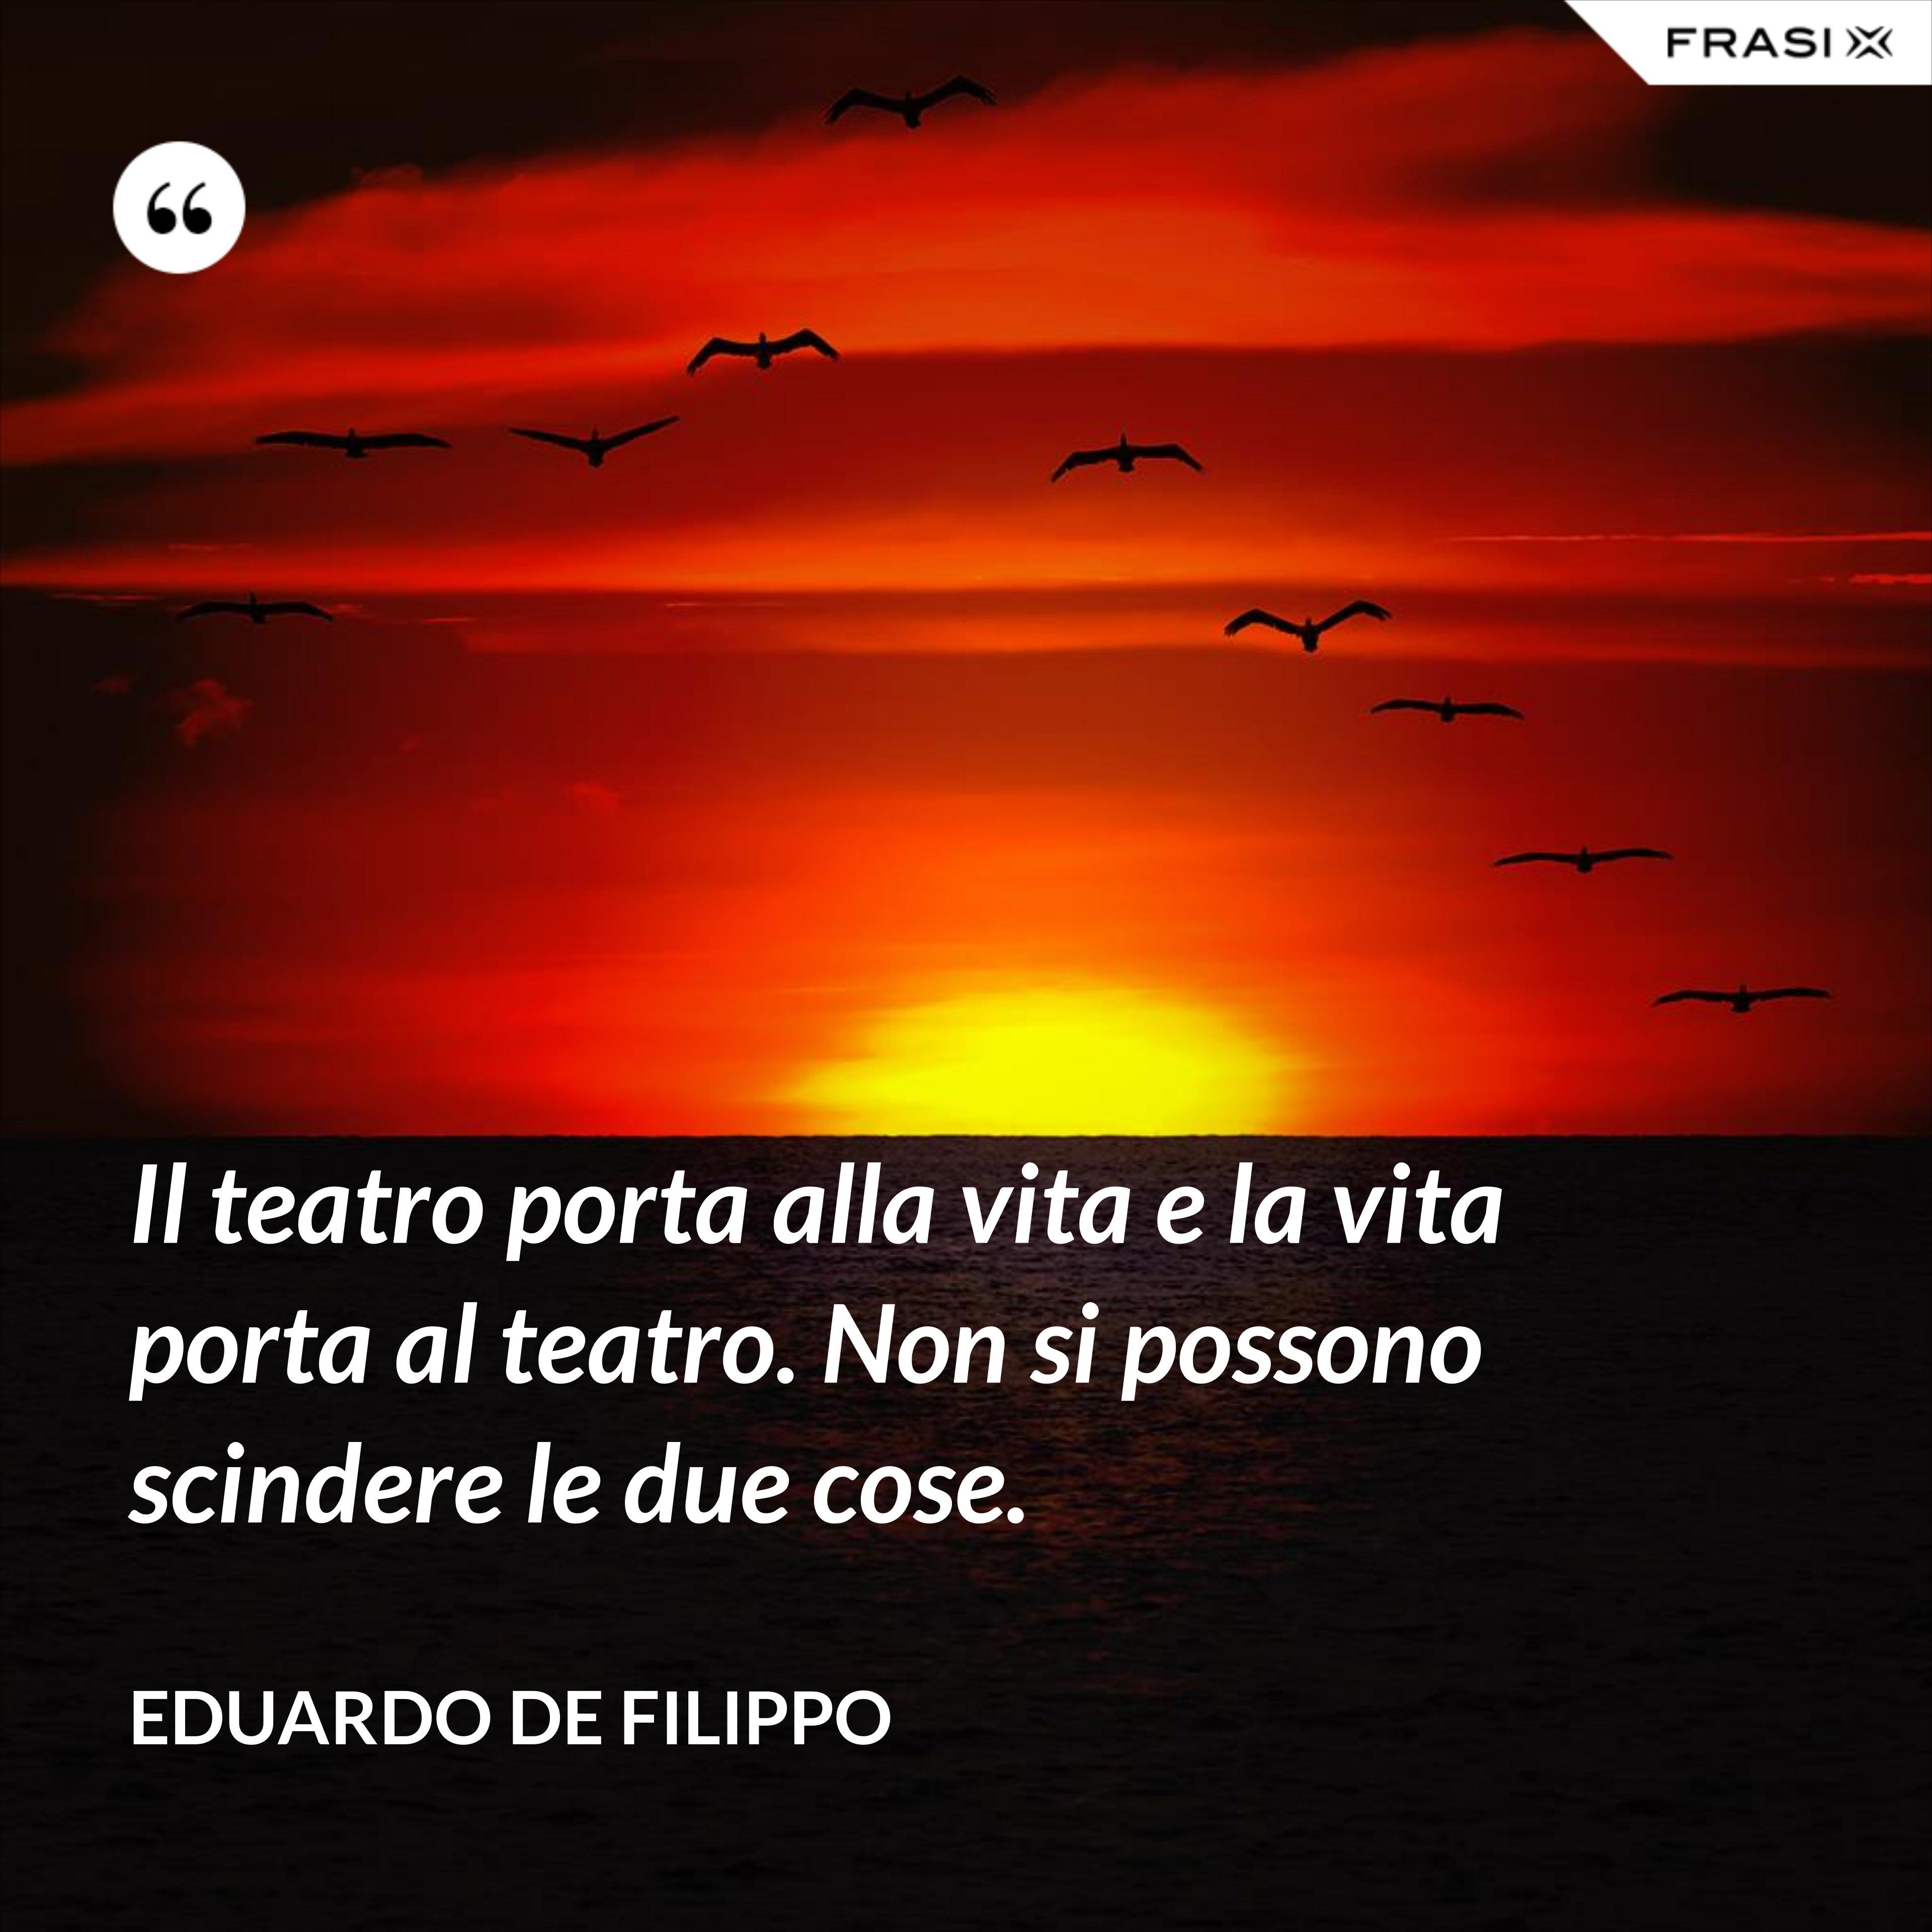 Il teatro porta alla vita e la vita porta al teatro. Non si possono scindere le due cose. - Eduardo De Filippo